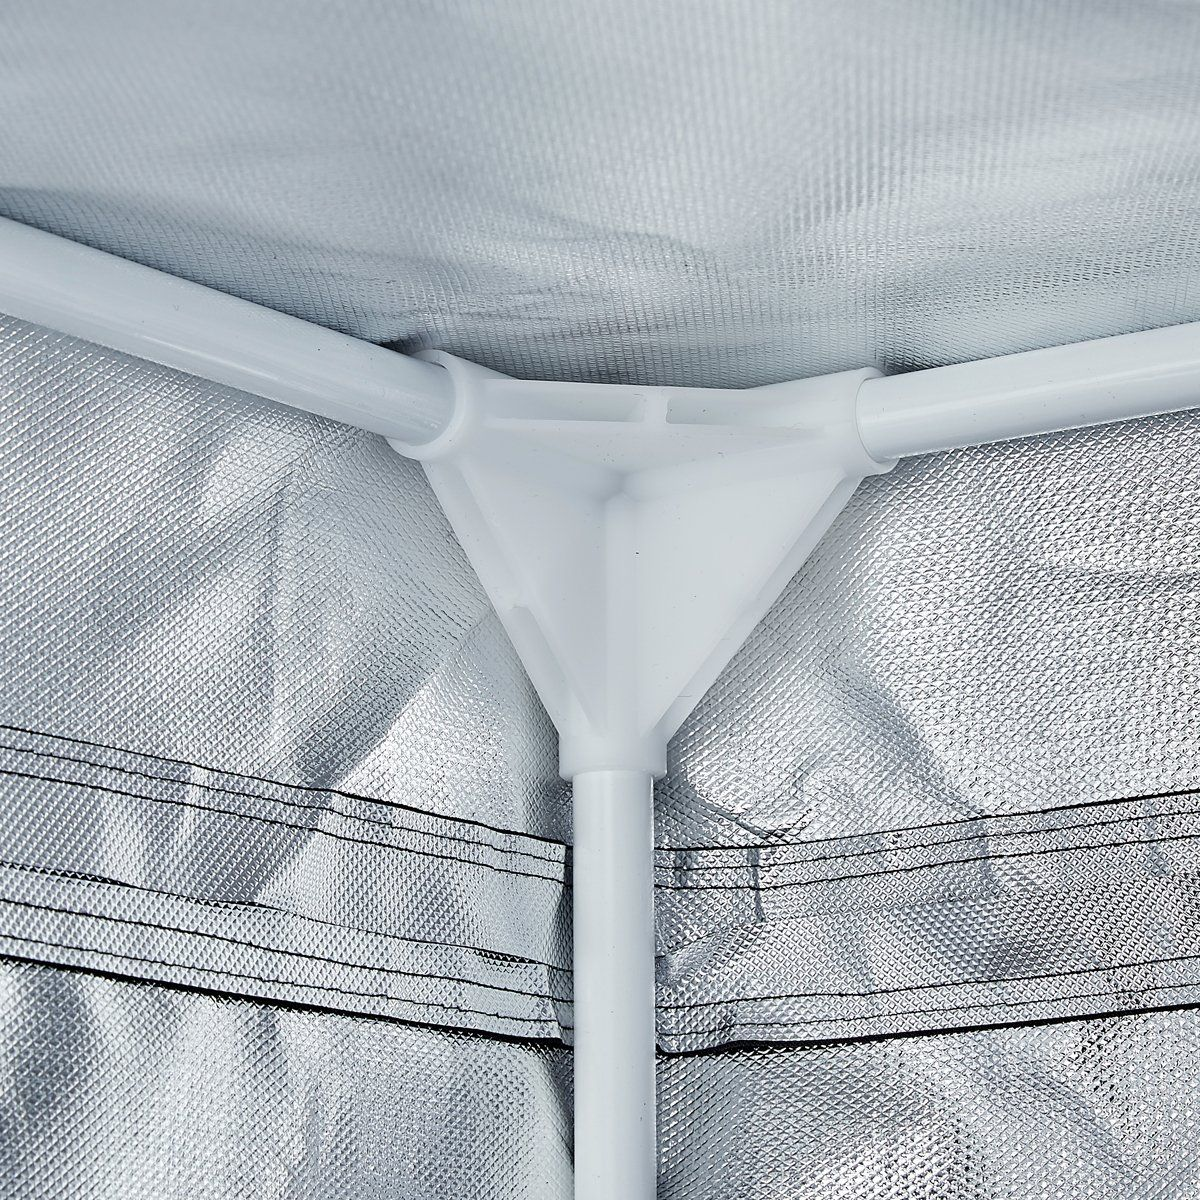 Topolite 32x32x63 36x36x72 48x24x60 48x48x80 96x48x80 Grow Tent Hydroponic Growing Dark Room Grow Box Indoor Plant Hydroponic Growing Grow Tent Led Grow Lights